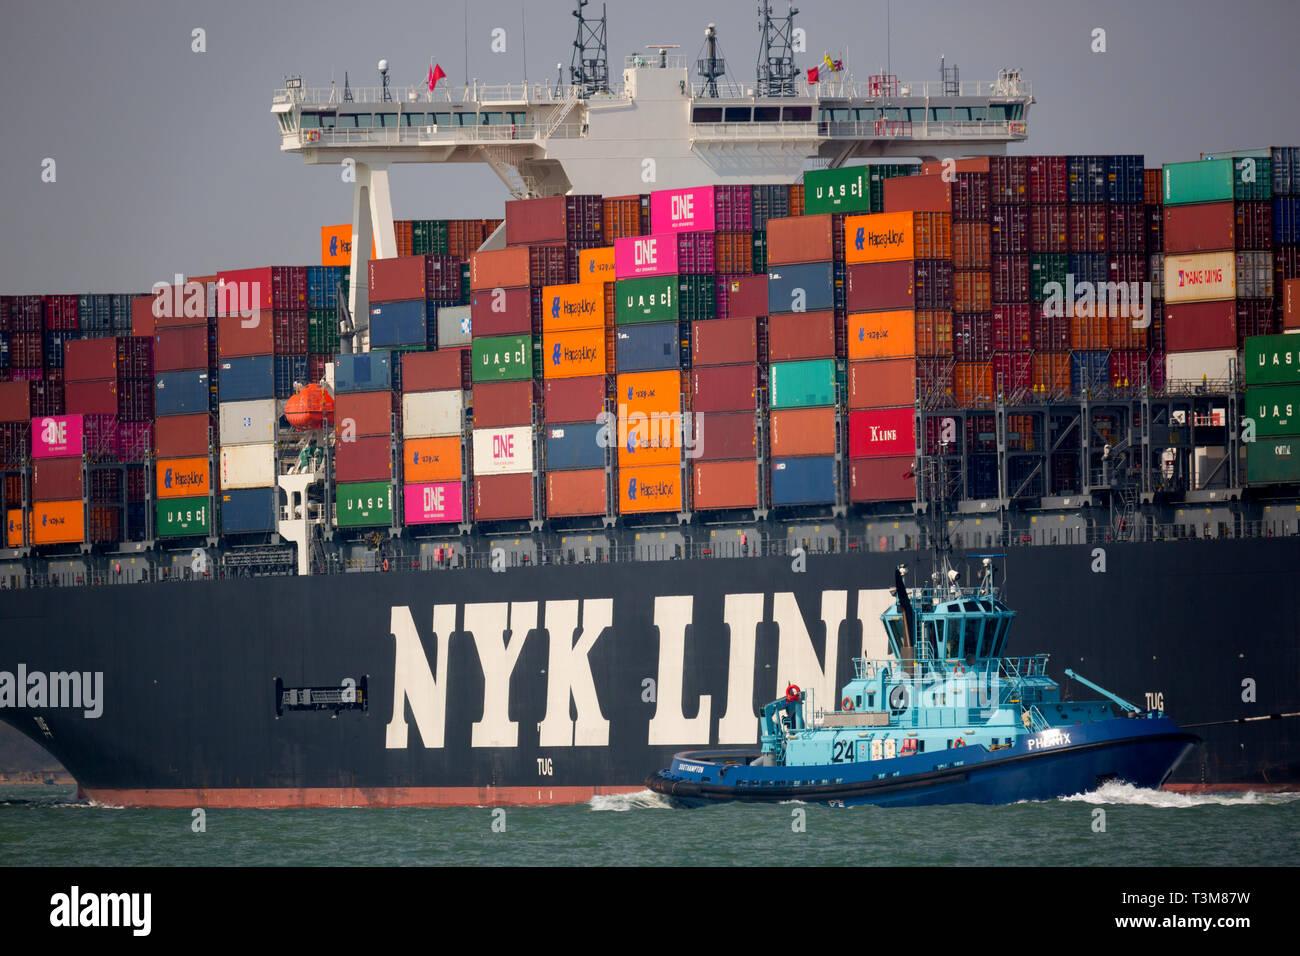 Grande,l'importazione,servizi,spedizioni,agent,porto,Voith Trattore rimorchiatore,escort,pilot,contenitore,nave,Southampton,il terminale,l'Solent,Cina,l'Europa,l'importazione,commercio,occupato Foto Stock